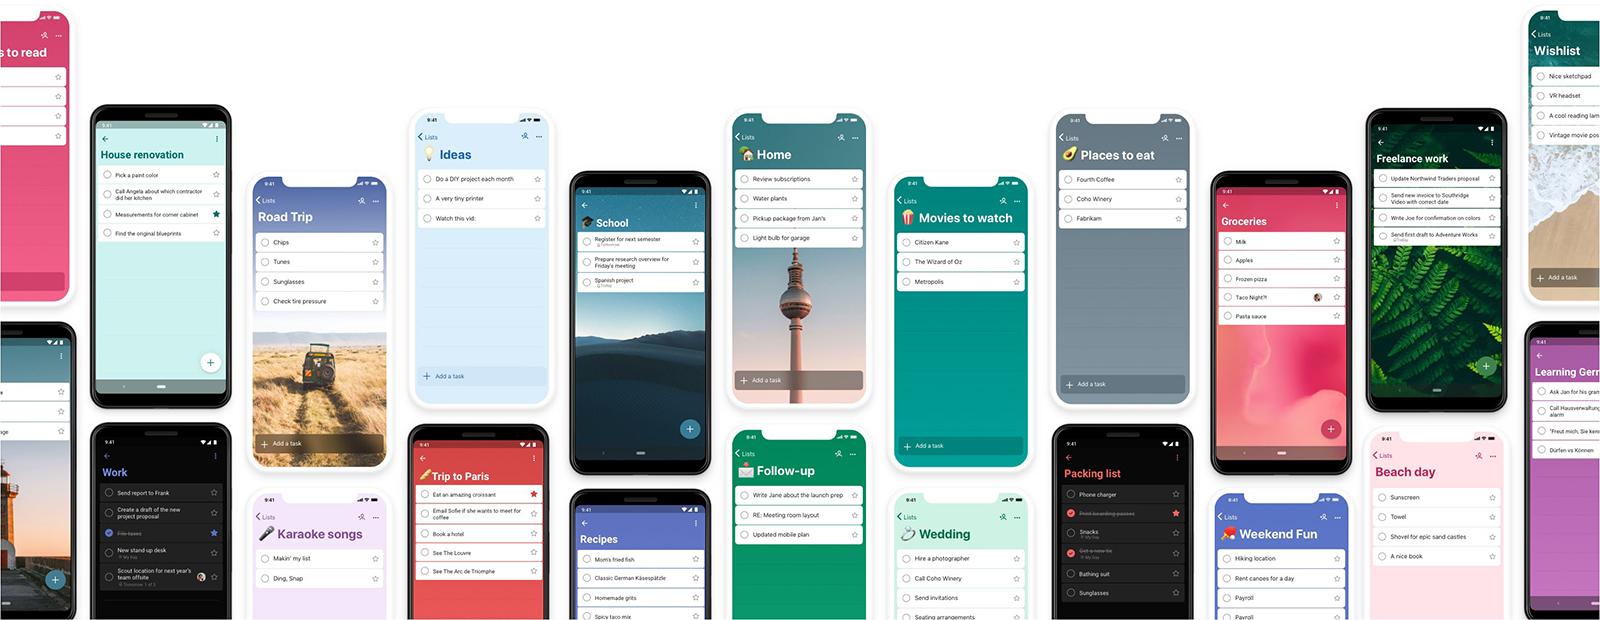 ινδική εφαρμογή Dating για Windows Phone